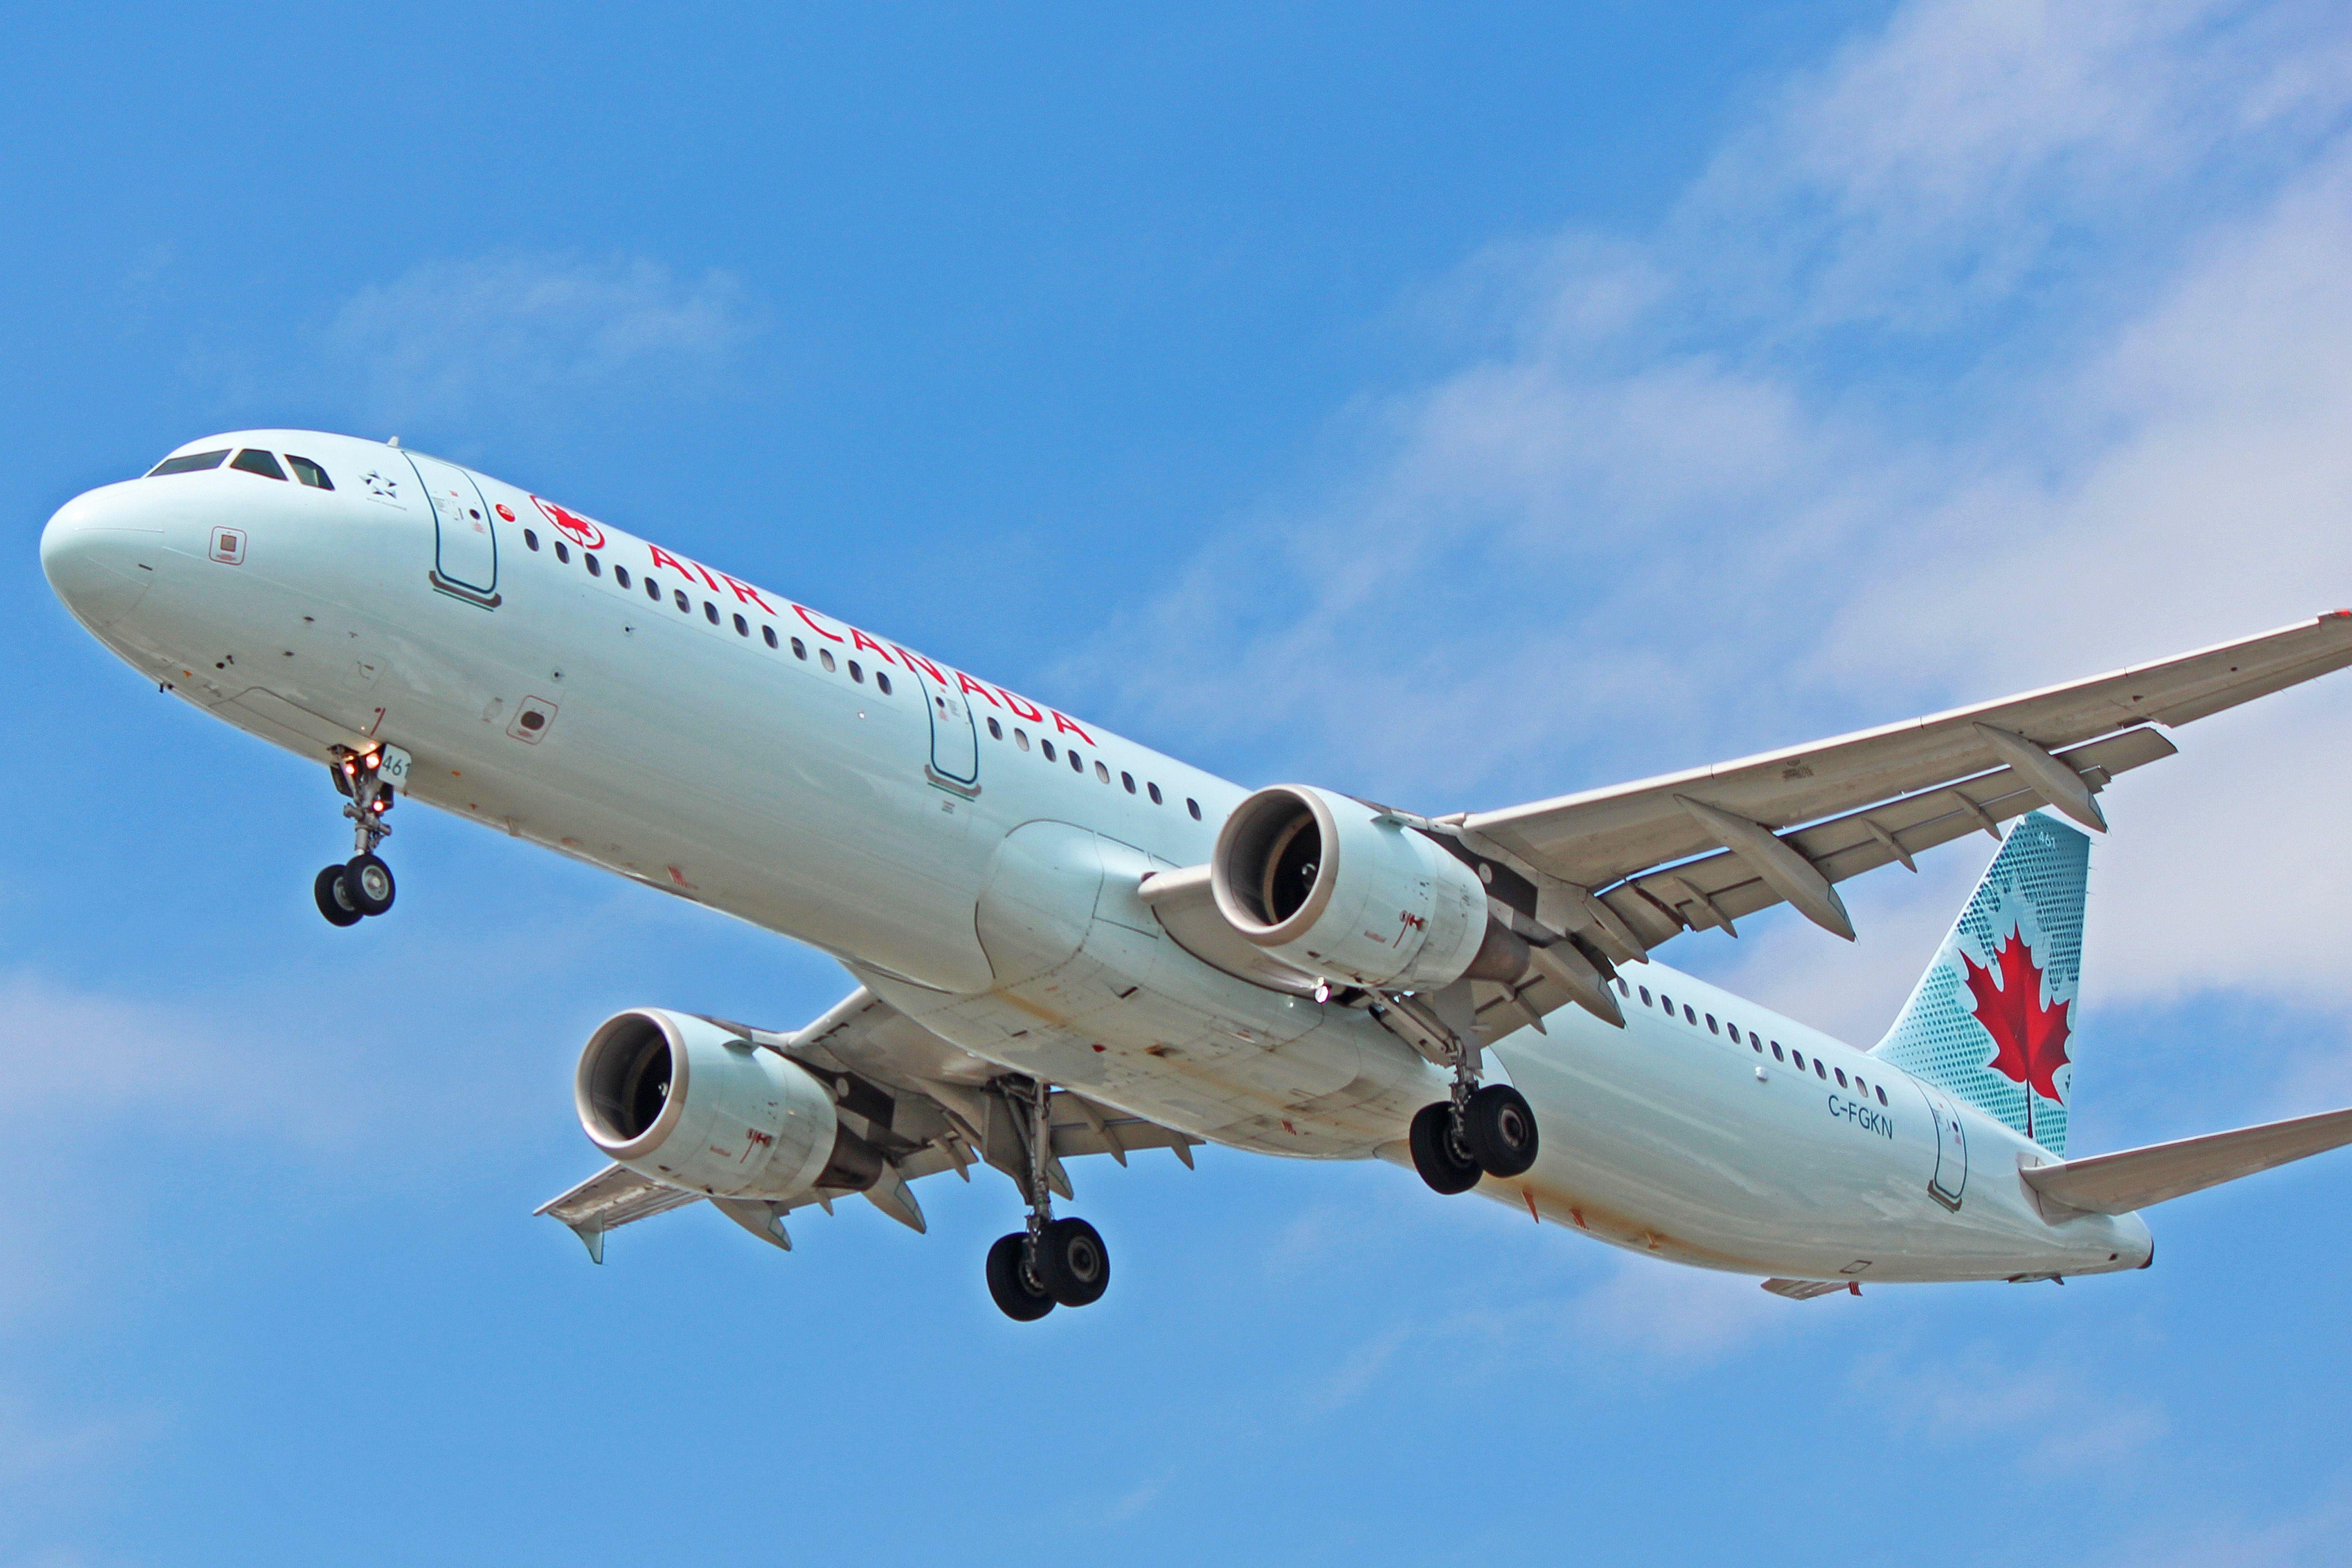 CFGKN Air Canada Airbus A321200 (Air France HandMe